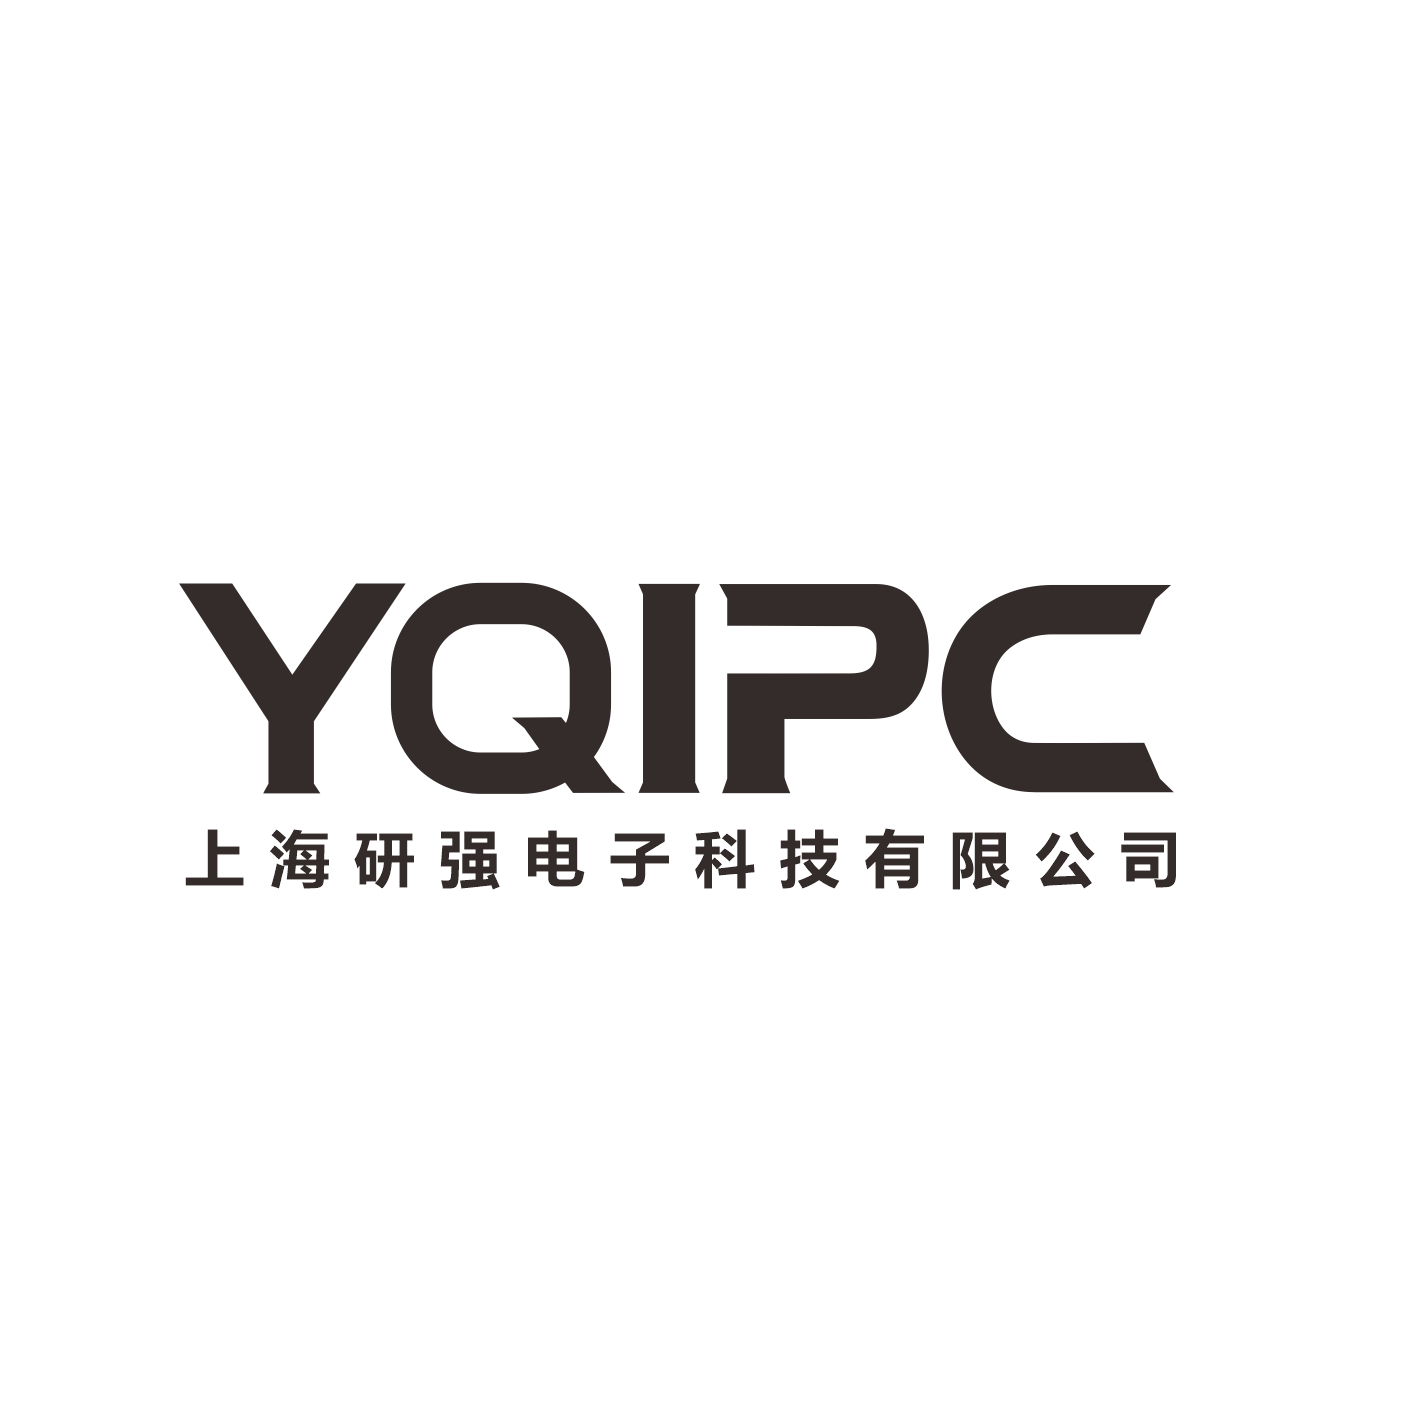 上海研強電子科技有限公司